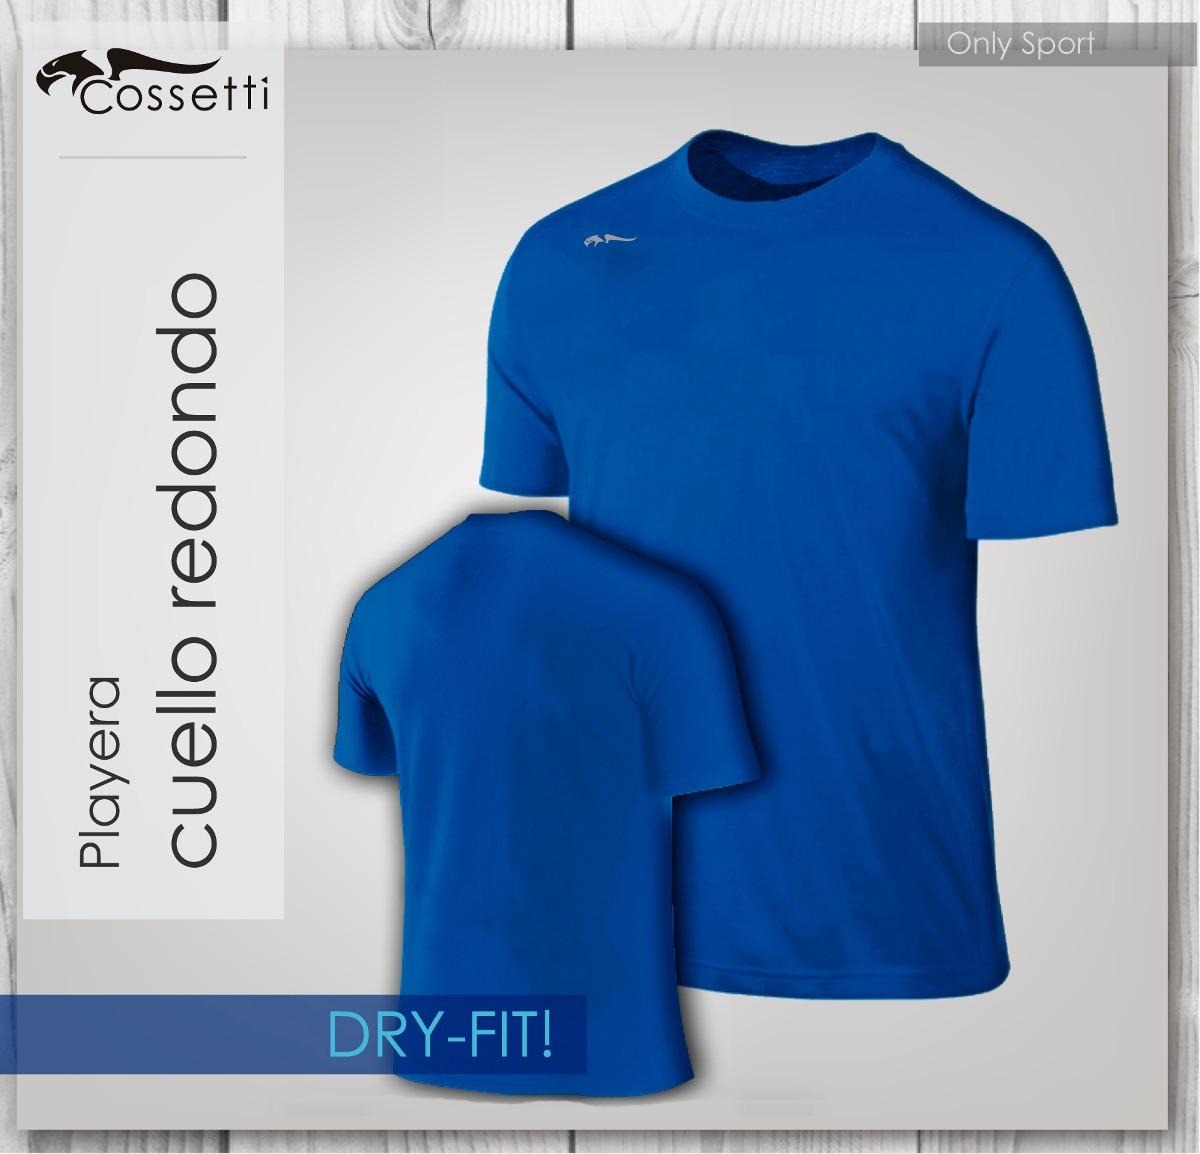 playera cuello redondo en original dry-fit! alta confección. Cargando zoom. 334c2c7408245